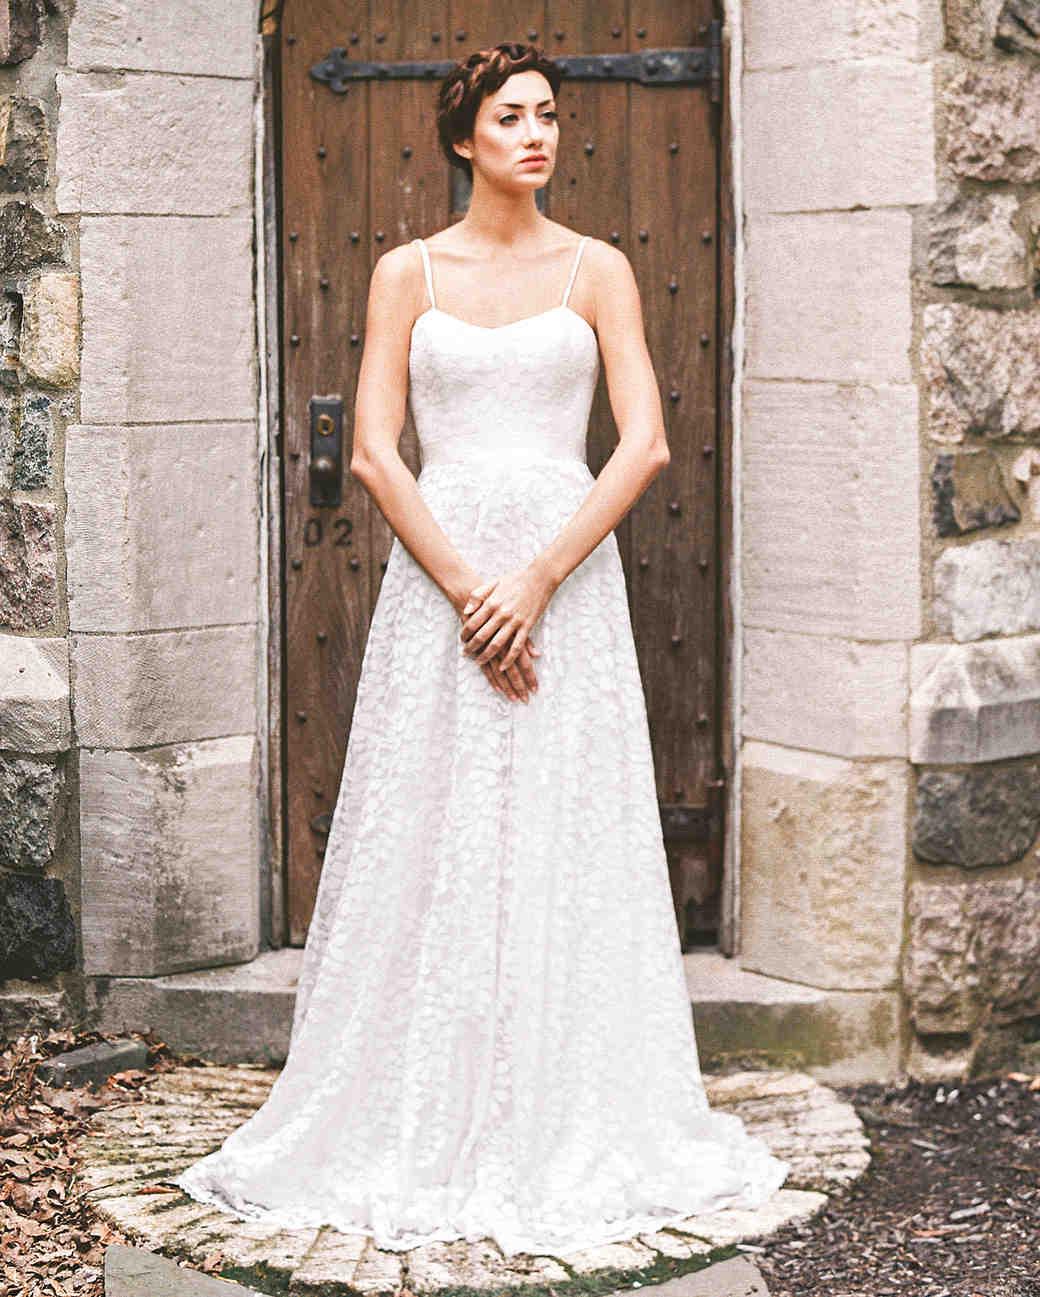 50-states-wedding-dresses-hawaii-sareh-nouri-fall2015-0253-021-0615.jpg